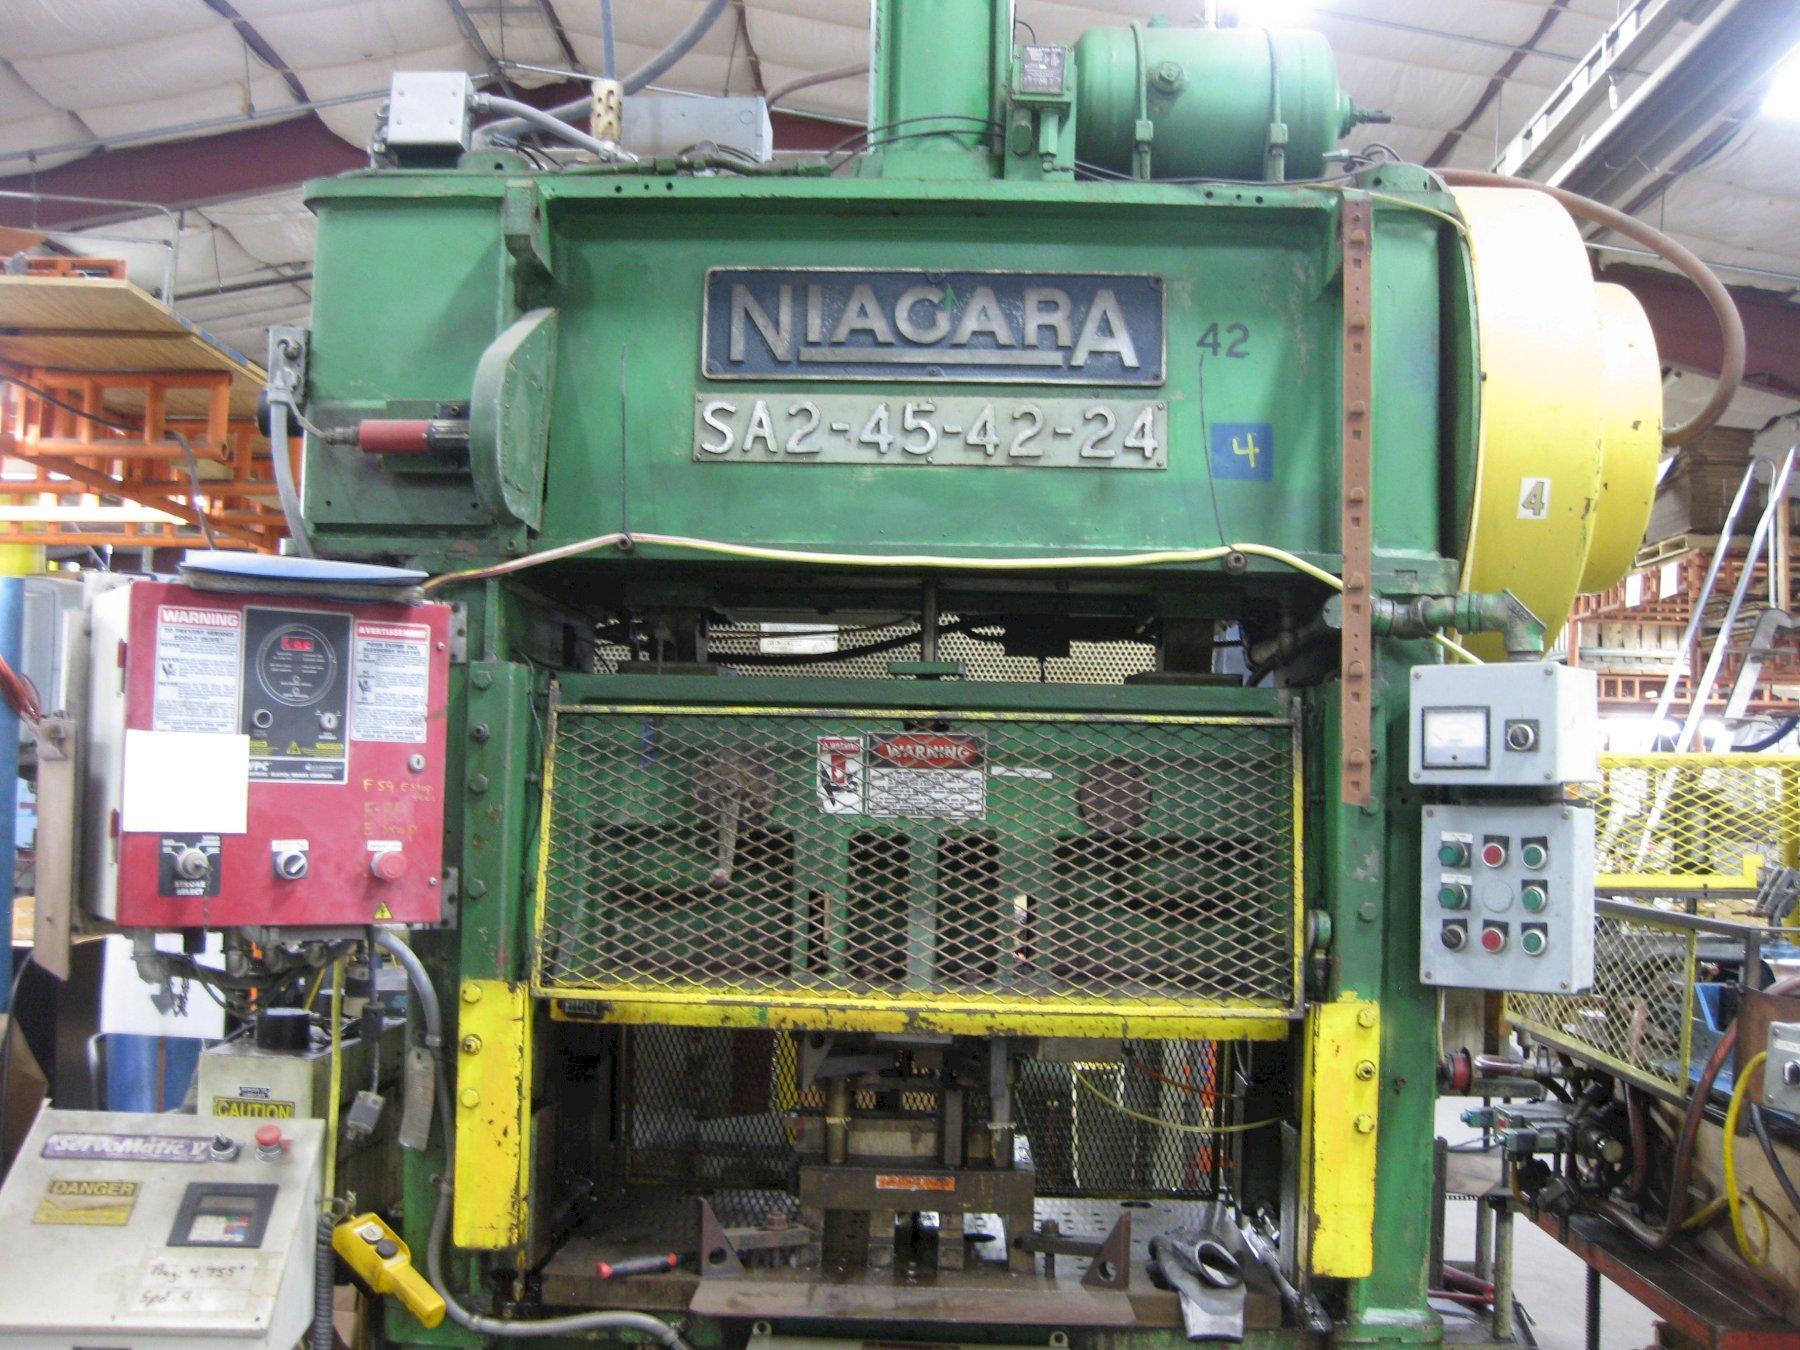 45 TON NIAGARA MODEL #SA2-45-42-24 SSDC PRESS: STOCK 15051